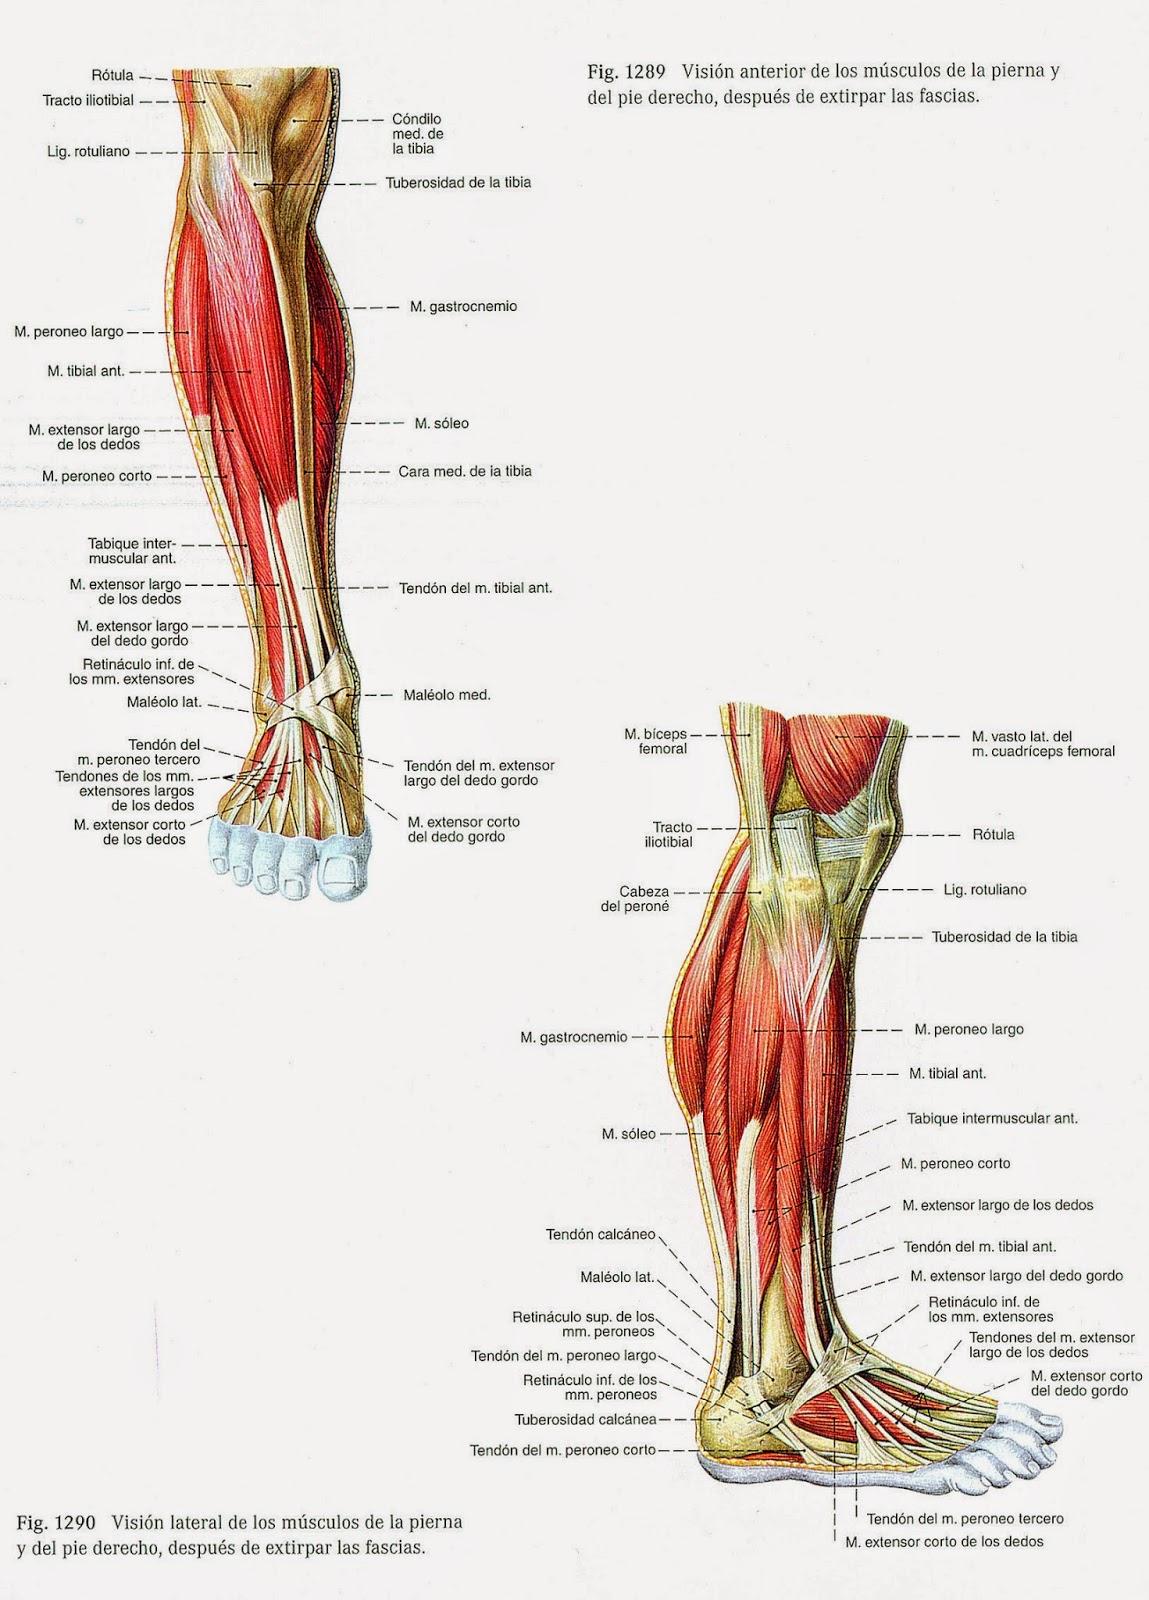 Asombroso Los Músculos De La Pantorrilla Anatomía Composición ...